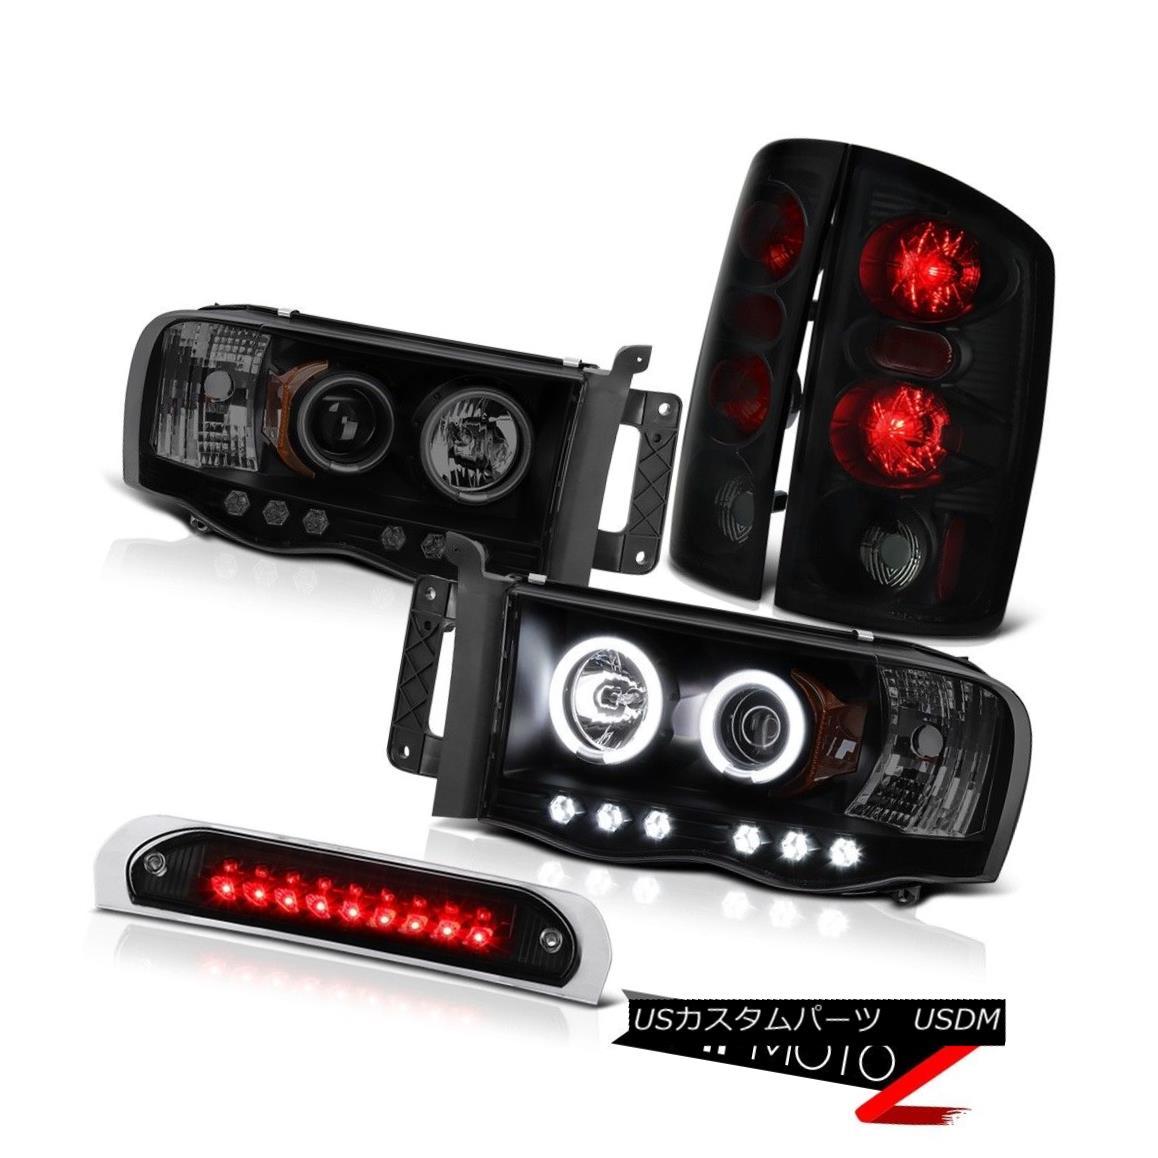 テールライト Halo CCFL Tech. Headlights Sinister Black Taillights High LED 2002-2005 Ram 3500 Halo CCFL Tech。 ヘッドライト懐疑的なブラックティールライトハイLED 2002-2005 Ram 3500